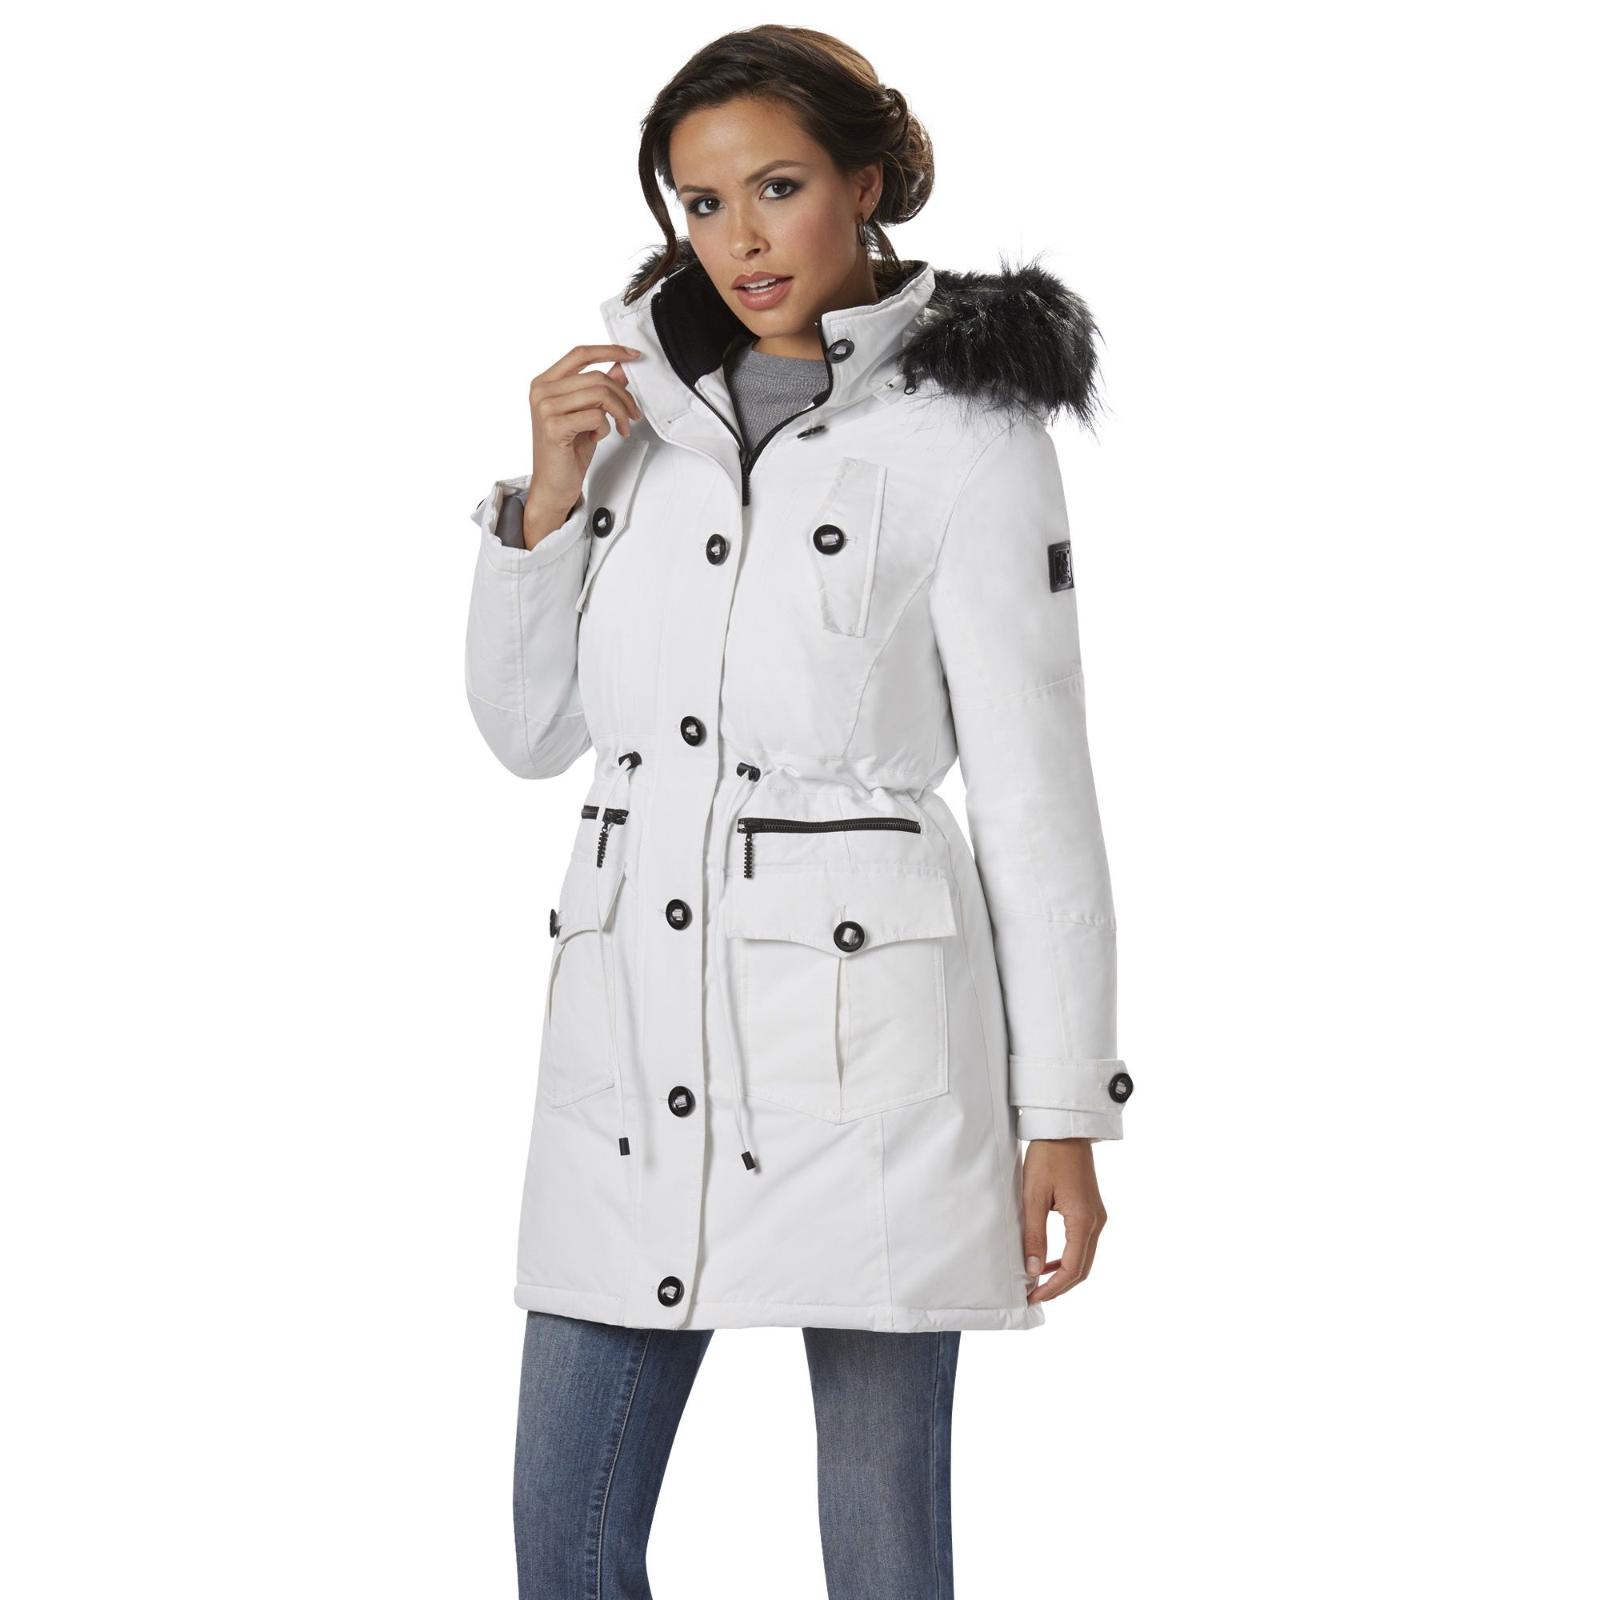 Rocawear Women s Rocawear Plus Hooded 3 4-Length Parka White L  NJHSM- bb485fcef